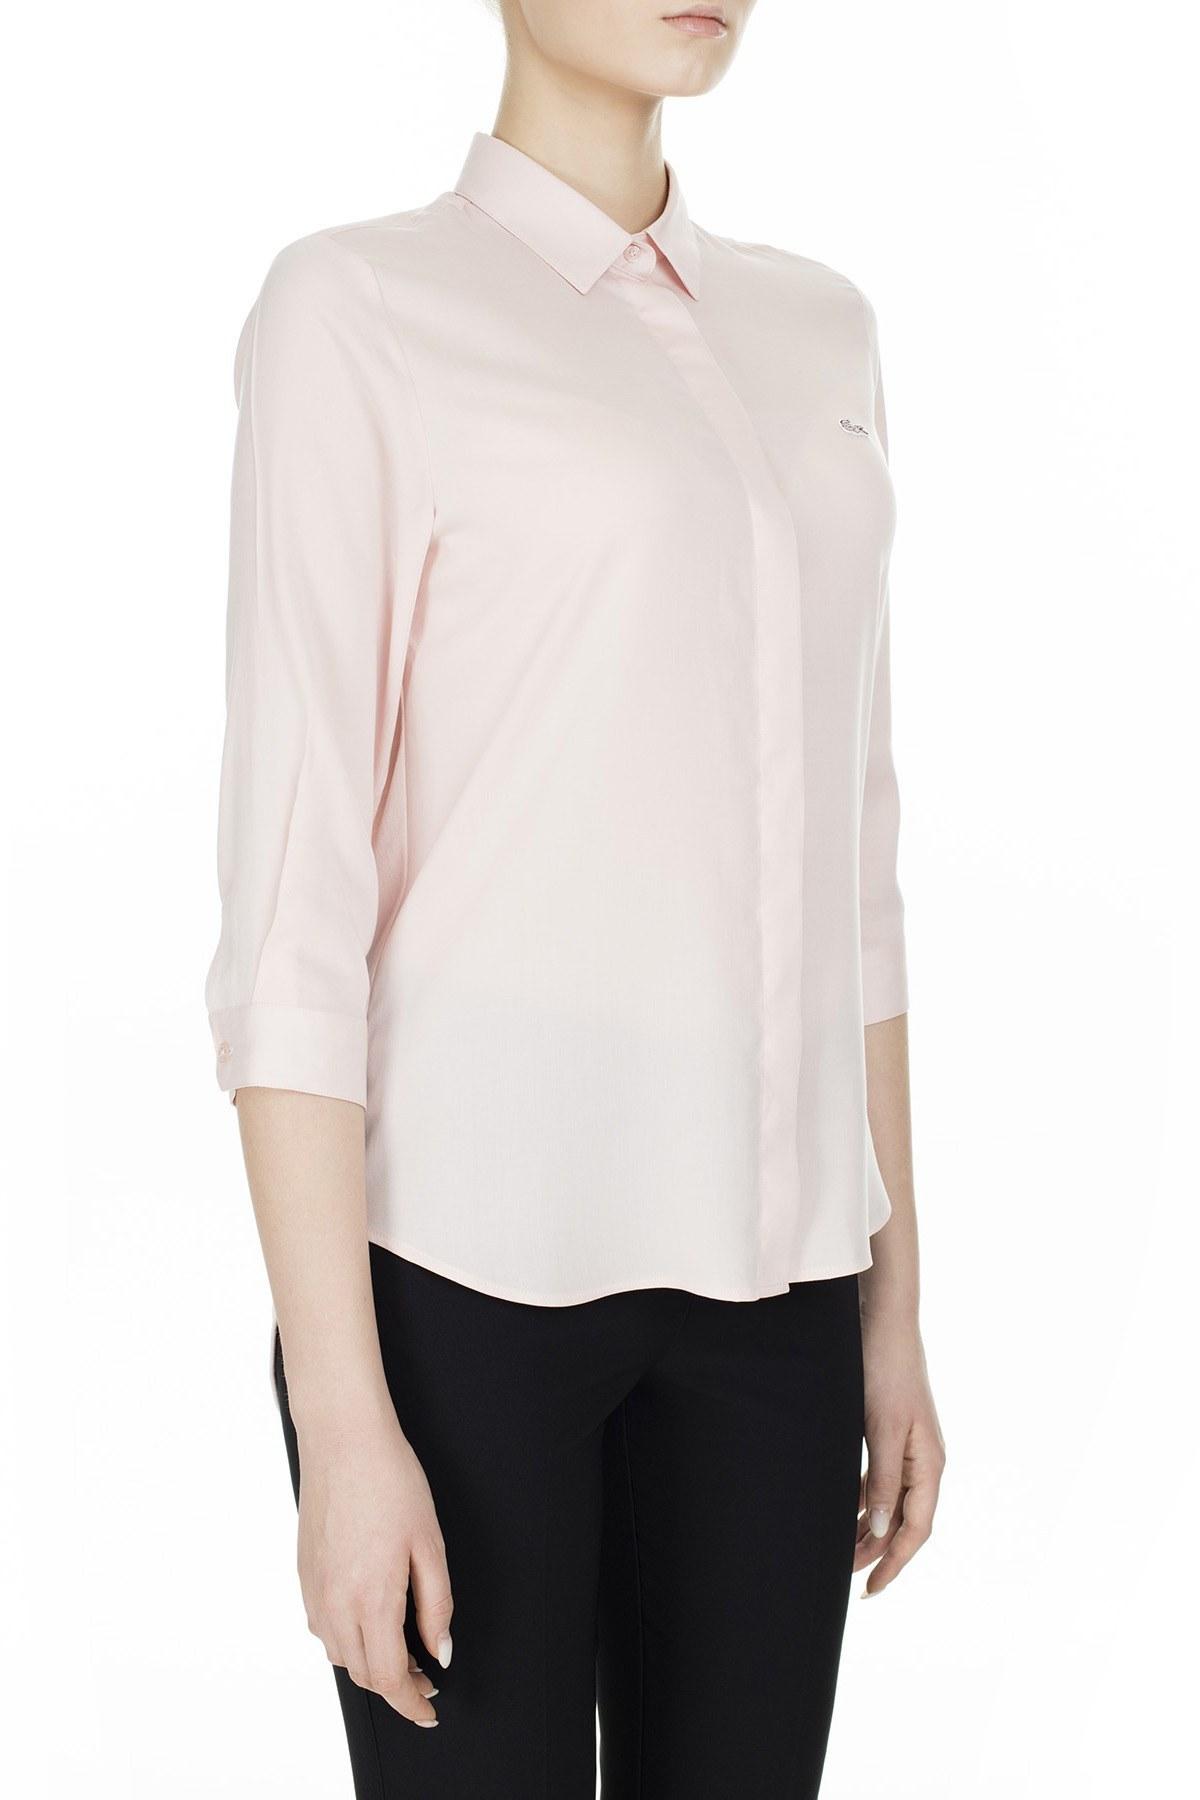 Lacoste Kadın Gömlek CF0812 12E AÇIK PEMBE